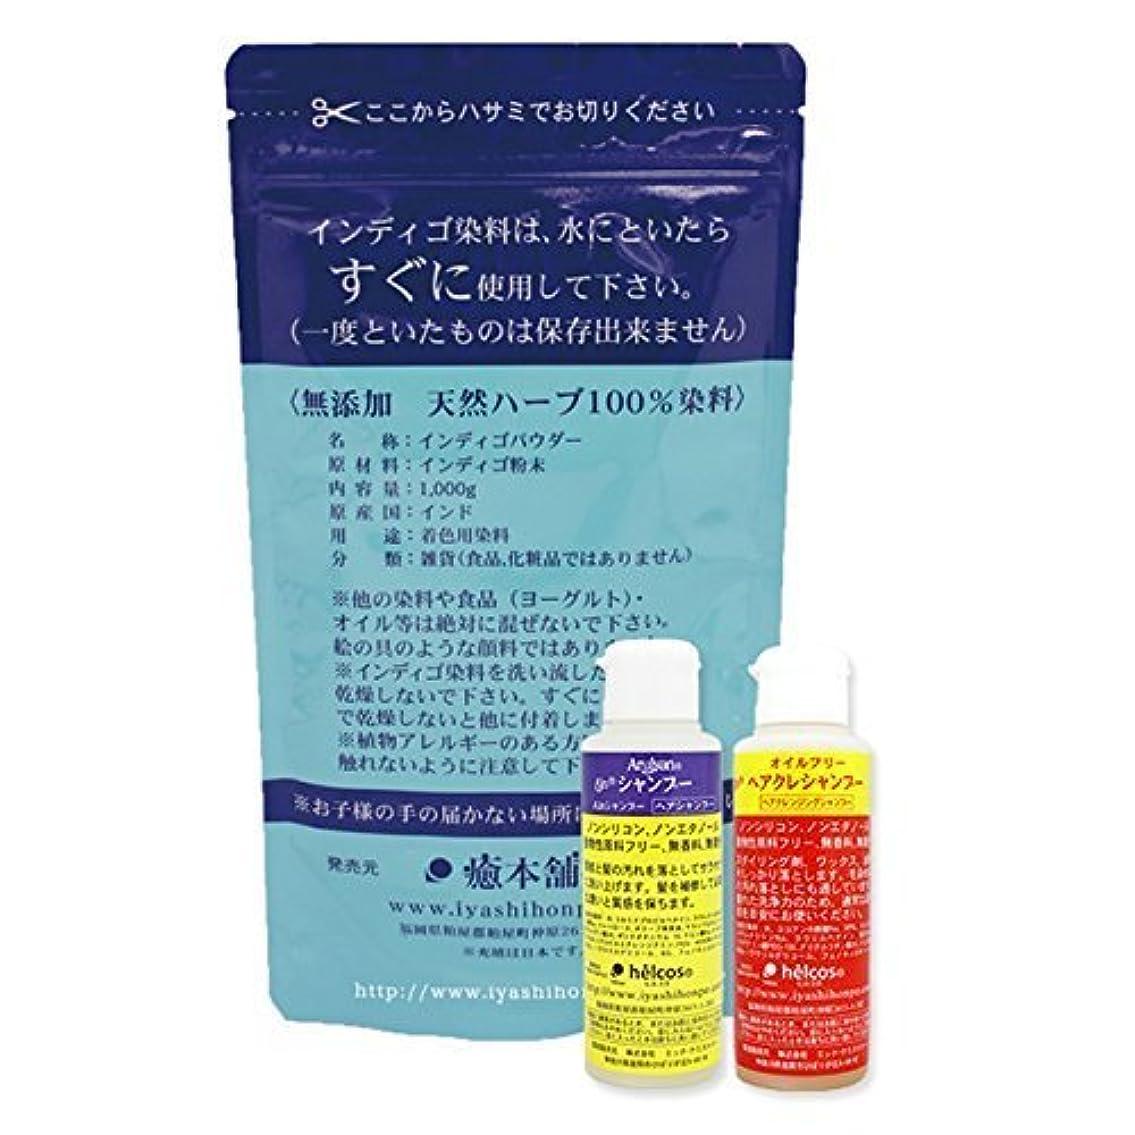 クックグリーンバック仲介者白髪染め インディゴ(天然染料100%) 1kg+シャンプー2種セット 癒本舗